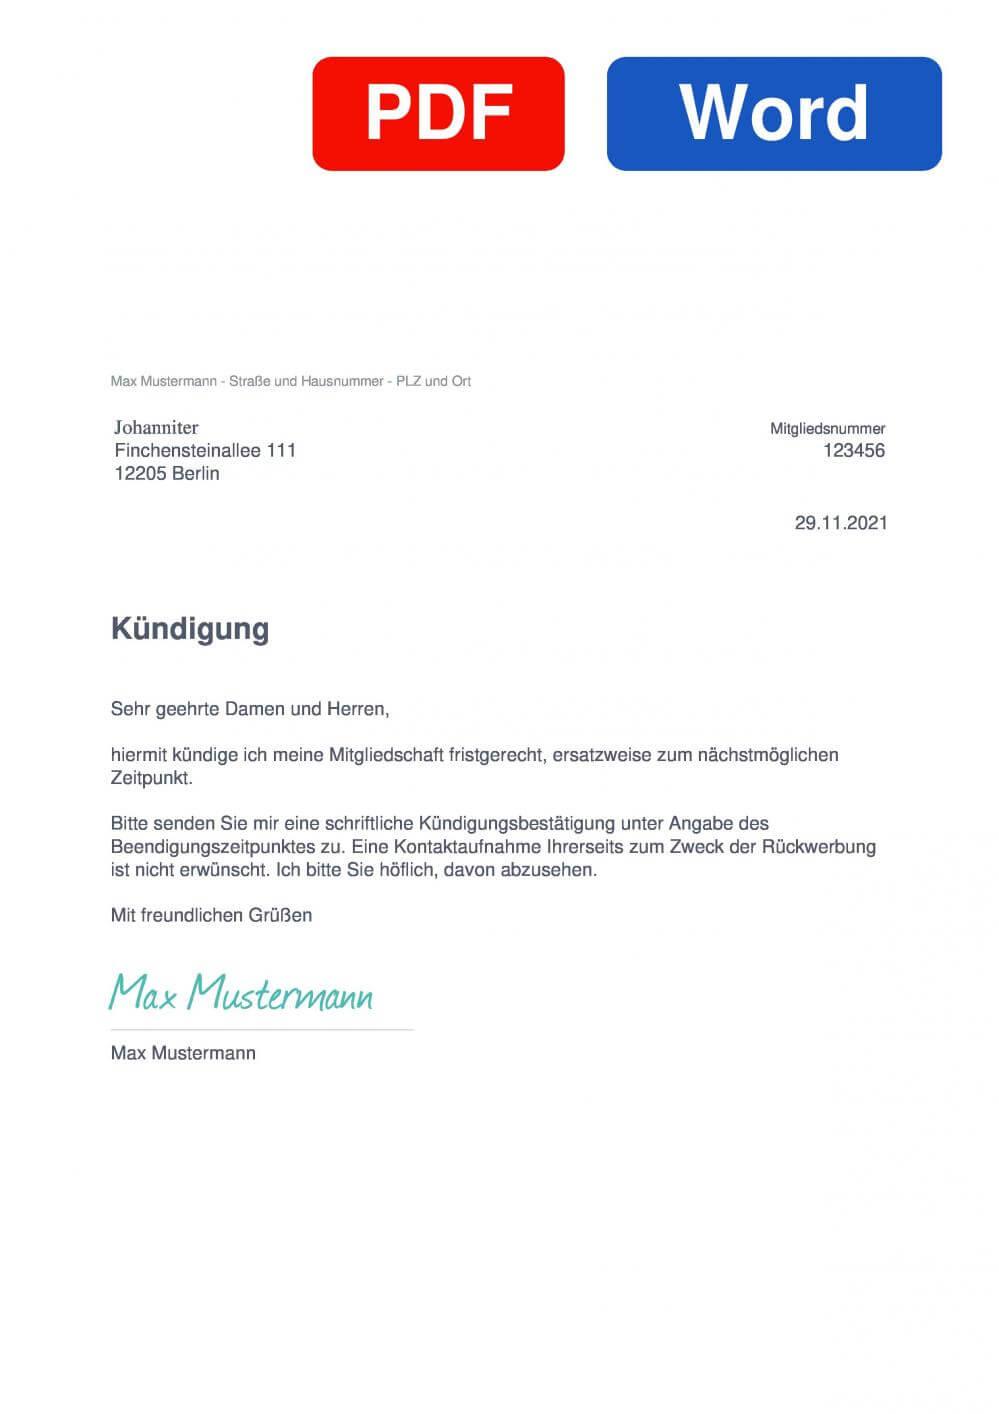 Johanniter Unfallhilfe Muster Vorlage für Kündigungsschreiben